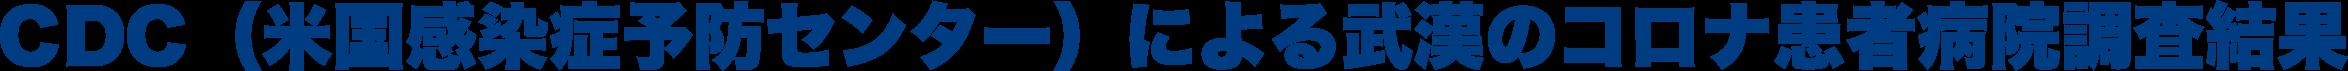 CDC(米国感染症予防センター)による武漢のコロナ患者病院調査結果